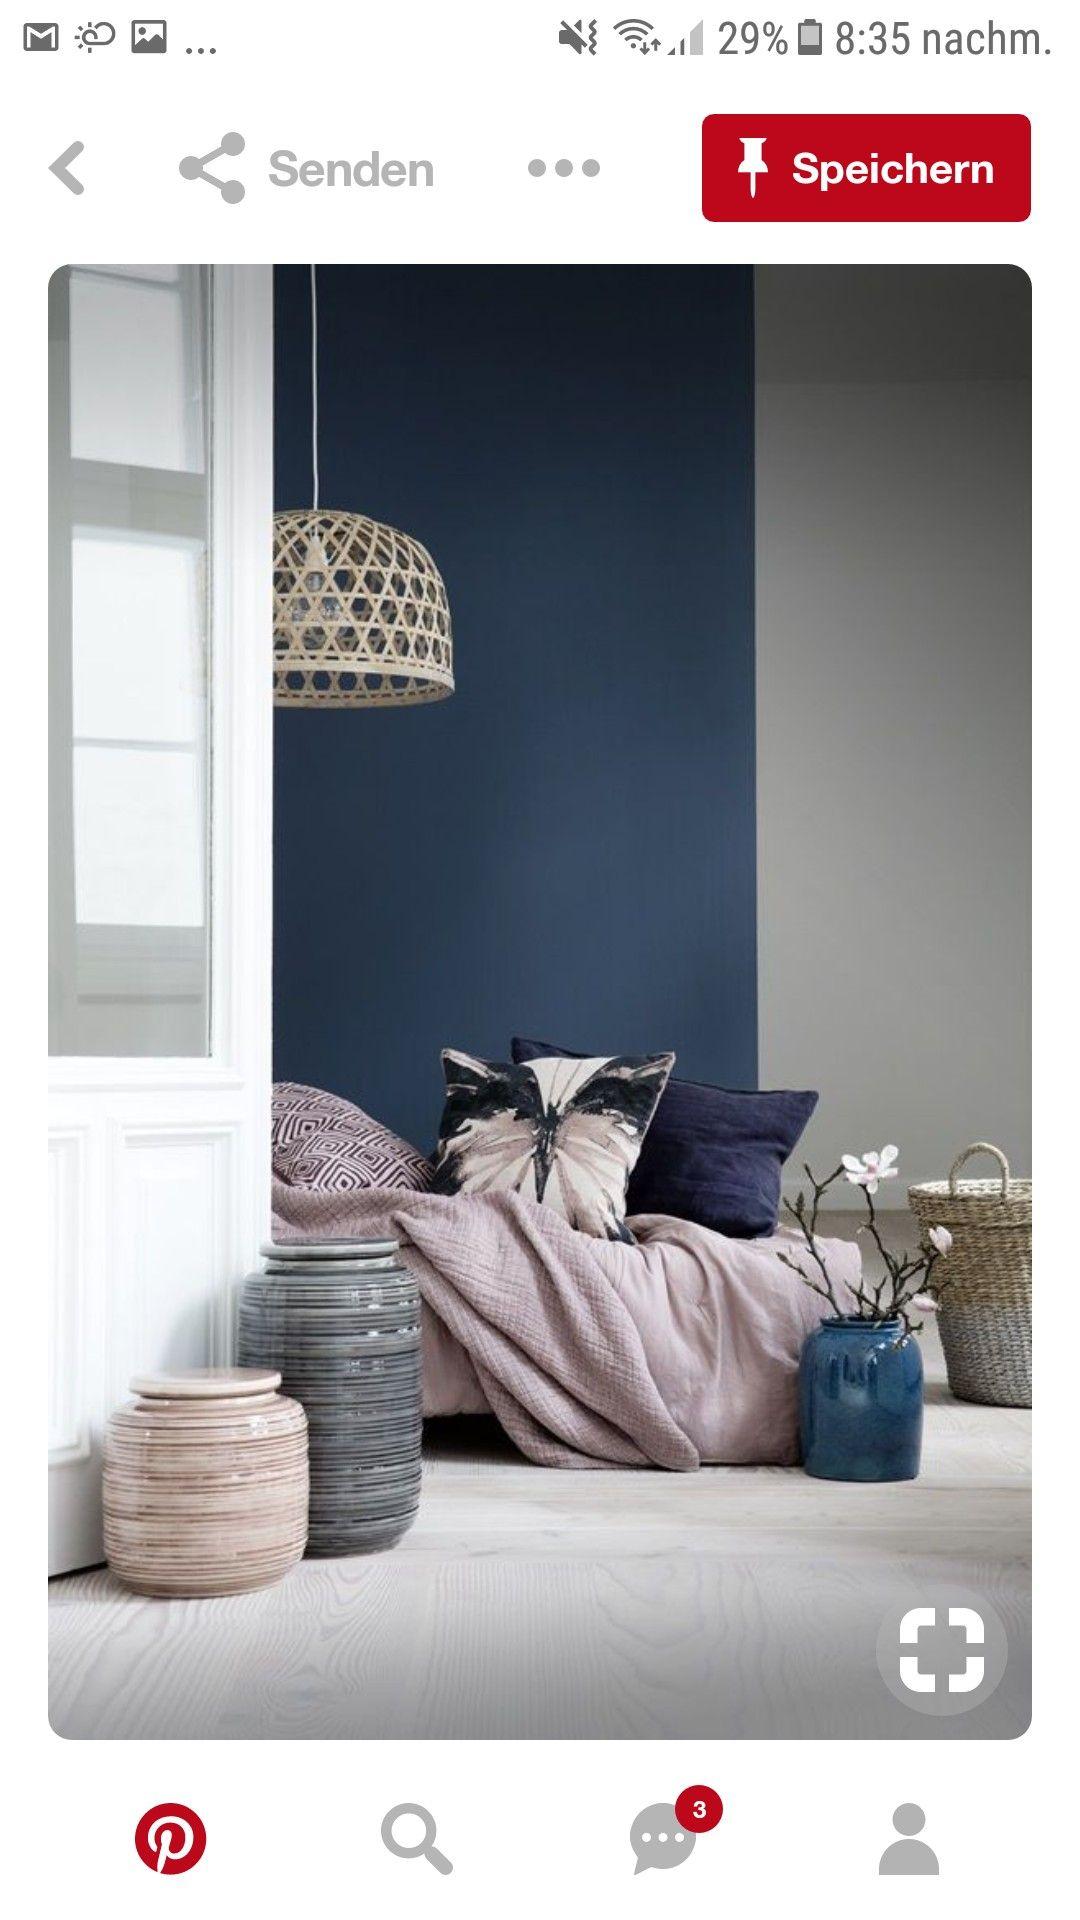 Pin von asterisque99 auf home inspirations in 2019 pinterest wandfarbe schlafzimmer und - Altrosa schlafzimmer ...